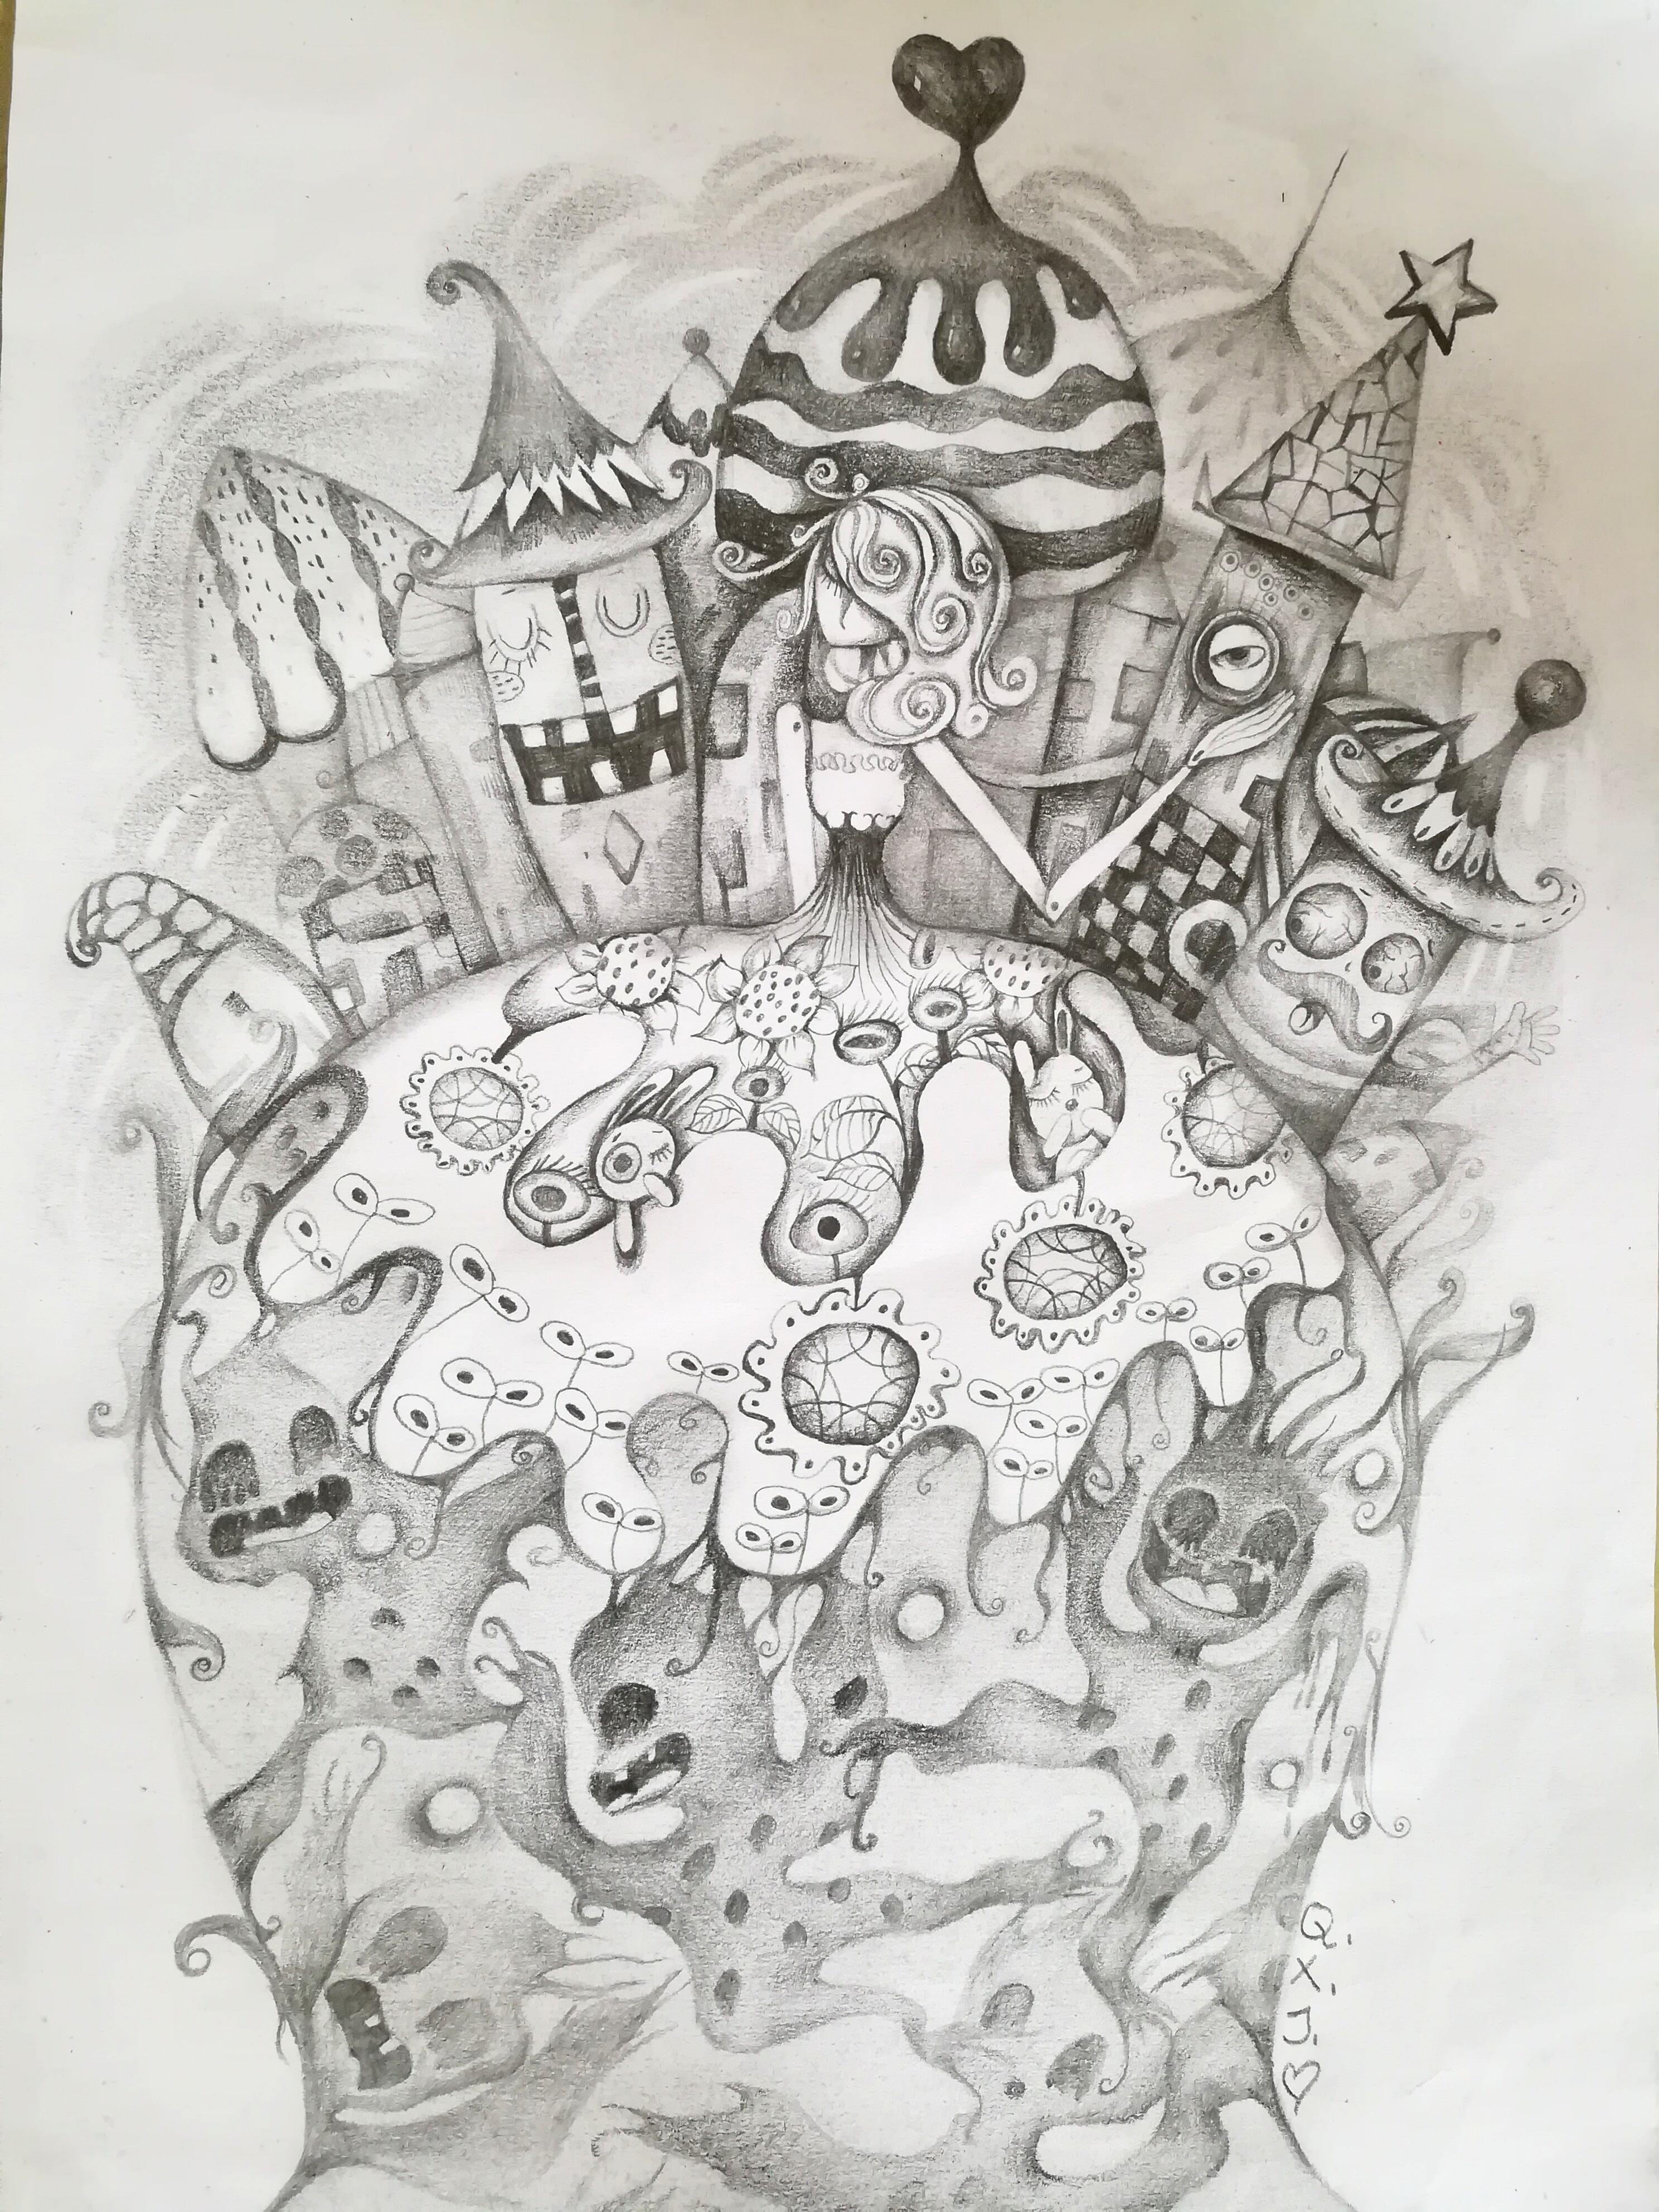 手绘|插画|儿童插画|秋小桔 - 原创作品 - 站酷